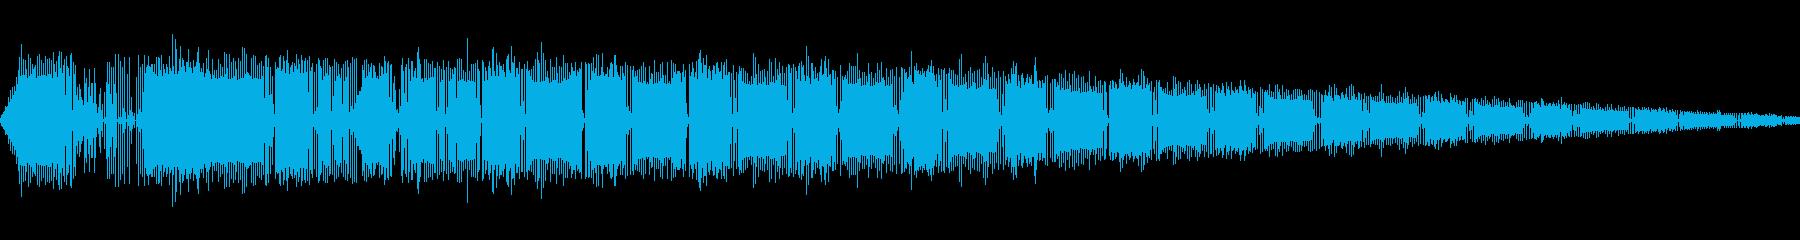 ピロピロピロ(ピコピコ/警告/アラームの再生済みの波形